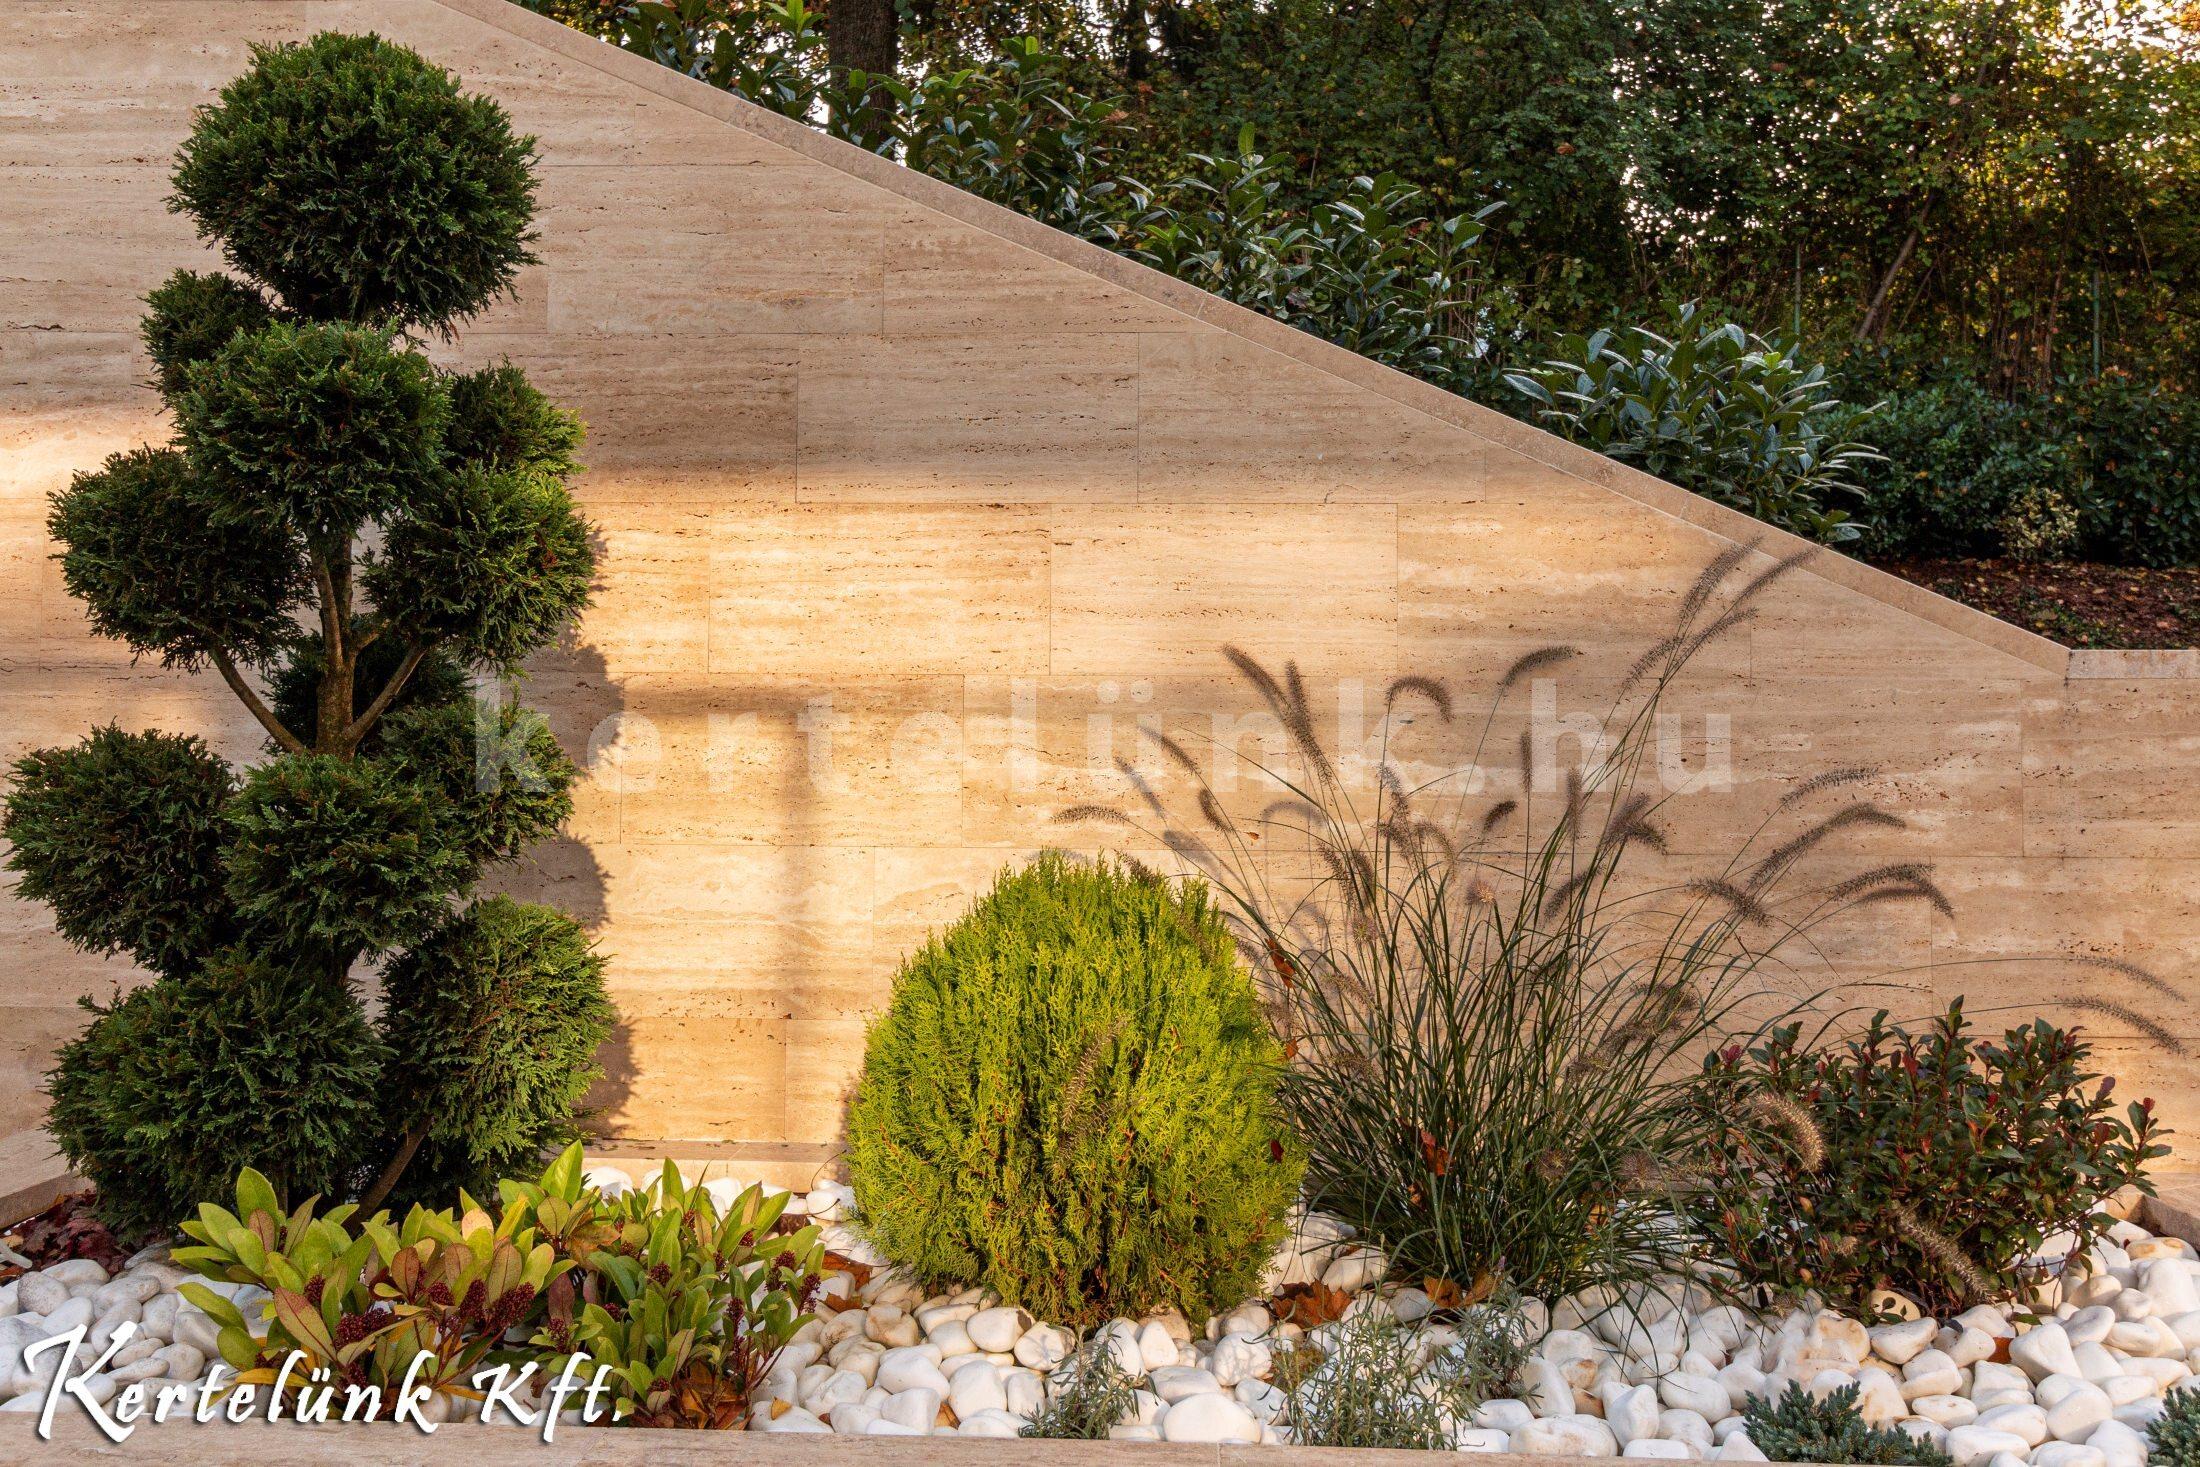 A modern kertekben egyaránt használunk örökzöld növényeket és fűféléket is.